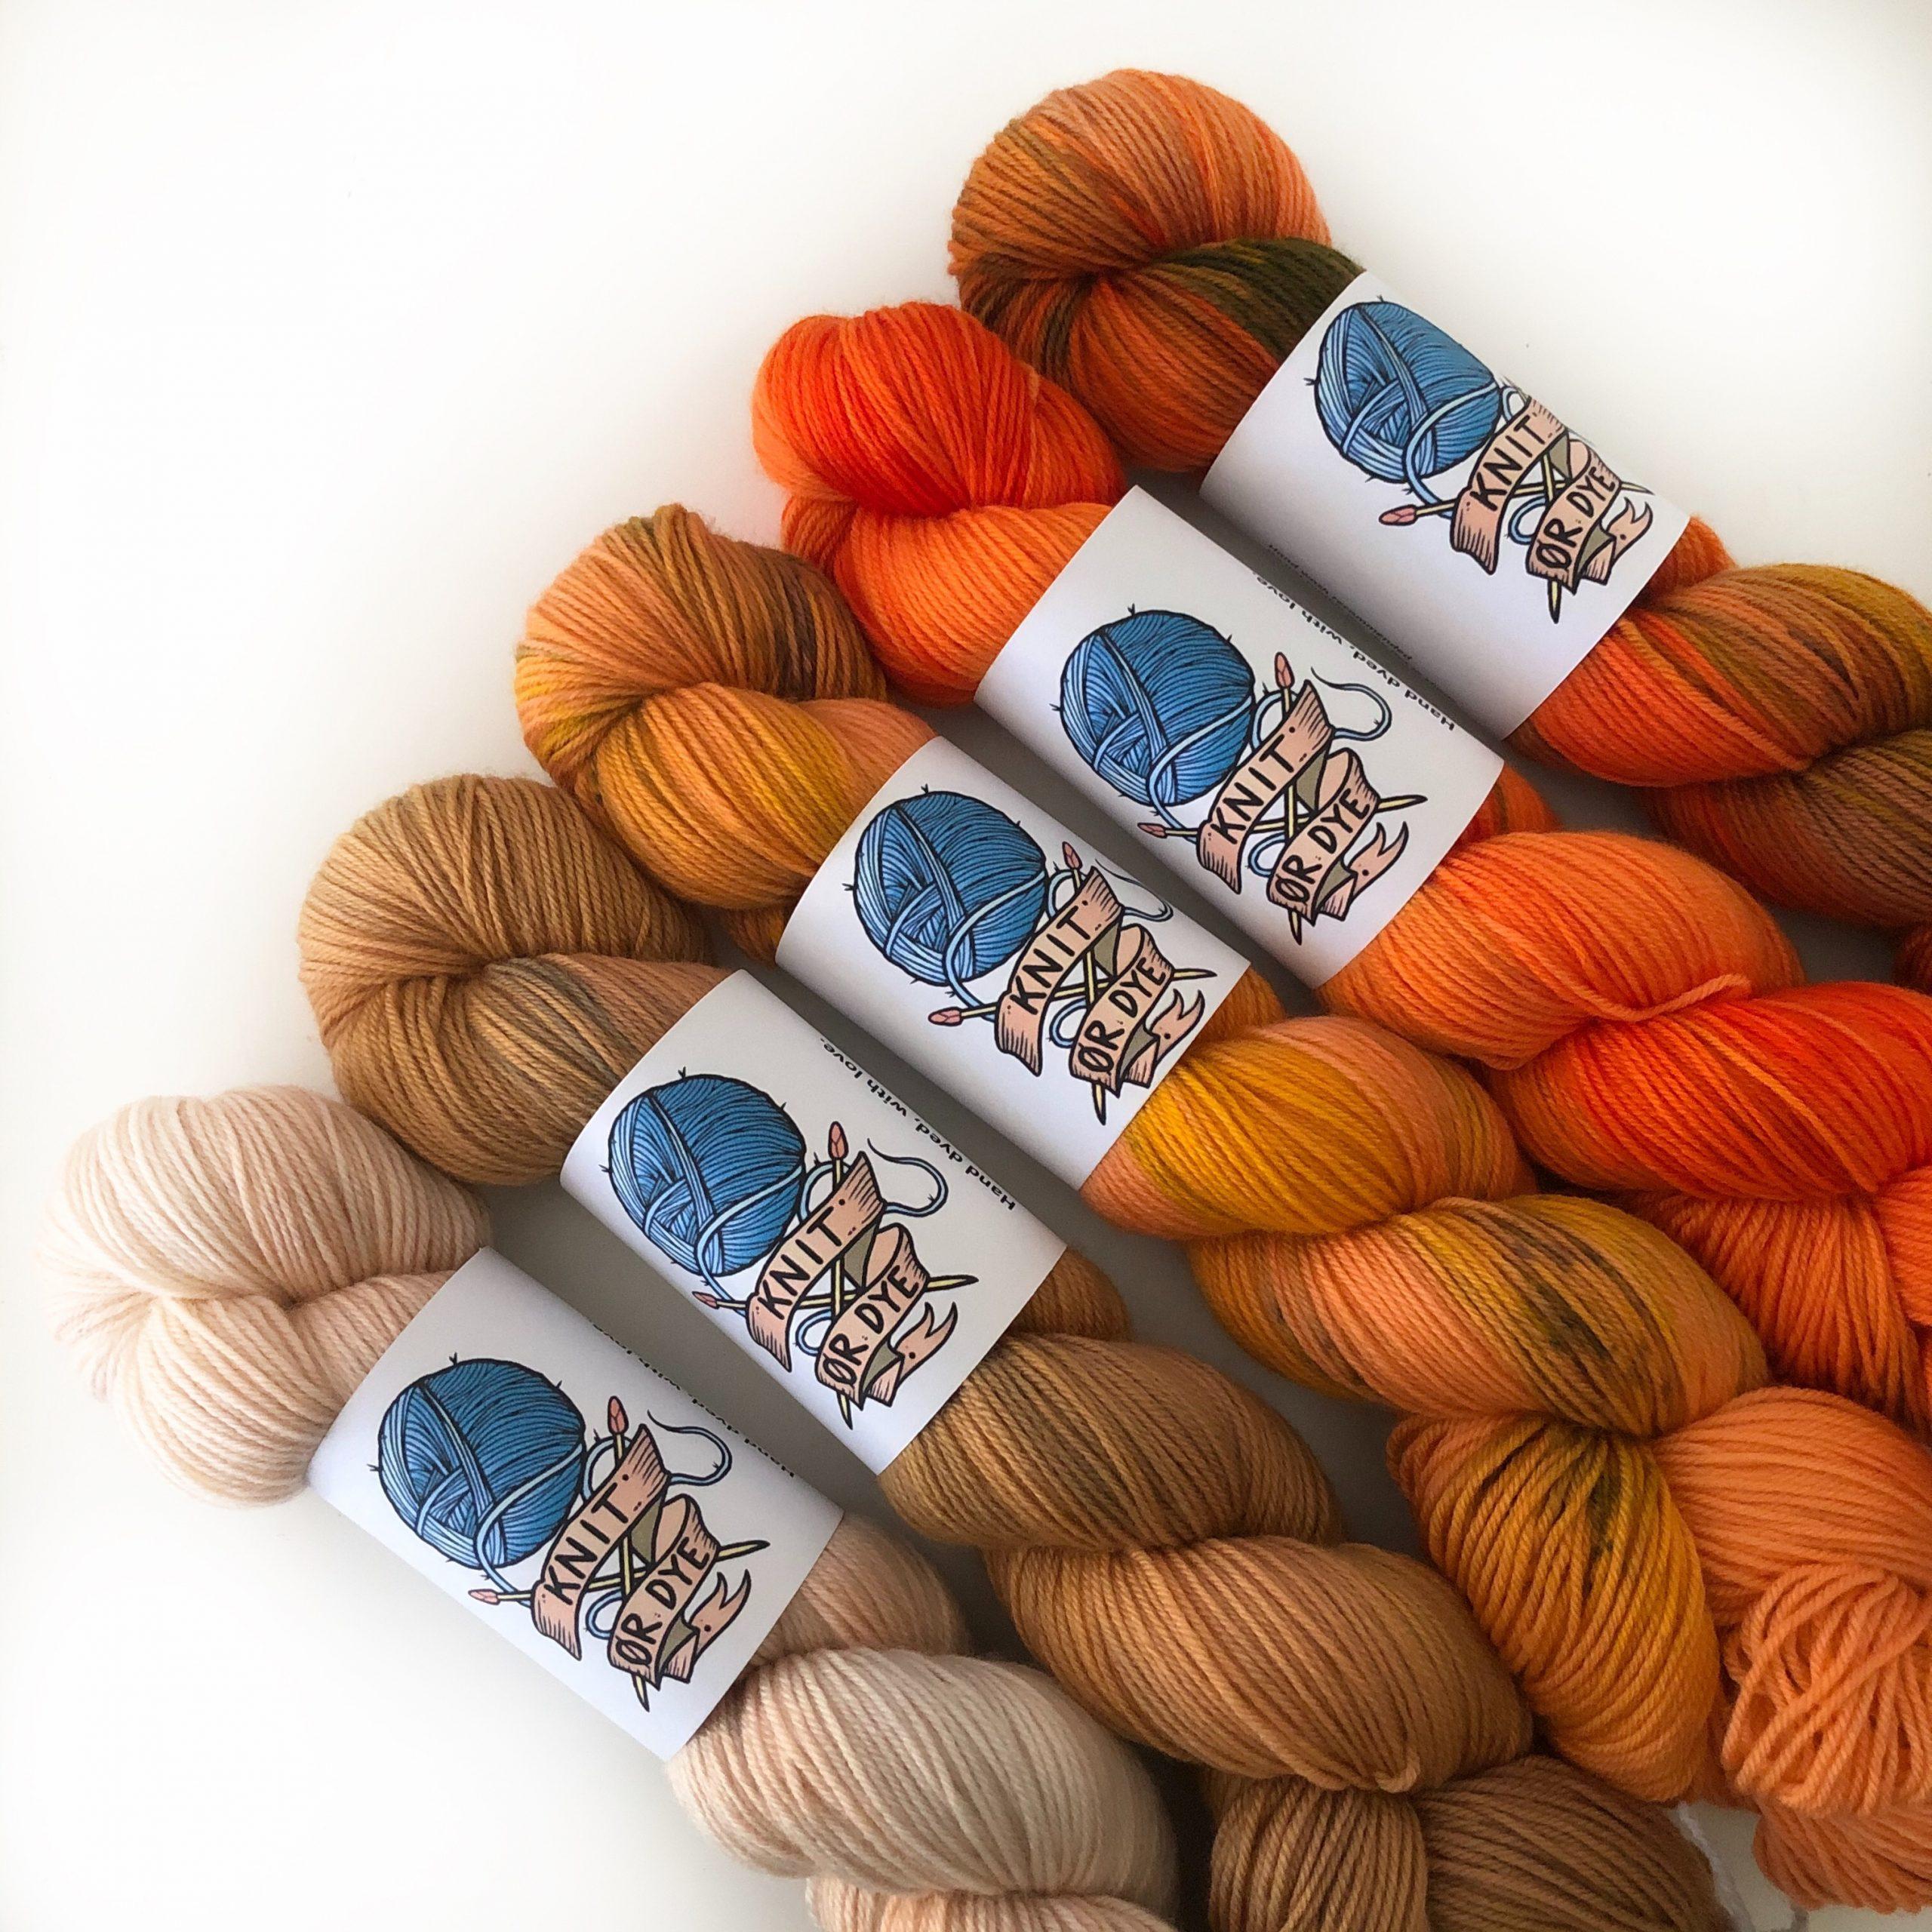 Knit or Dye